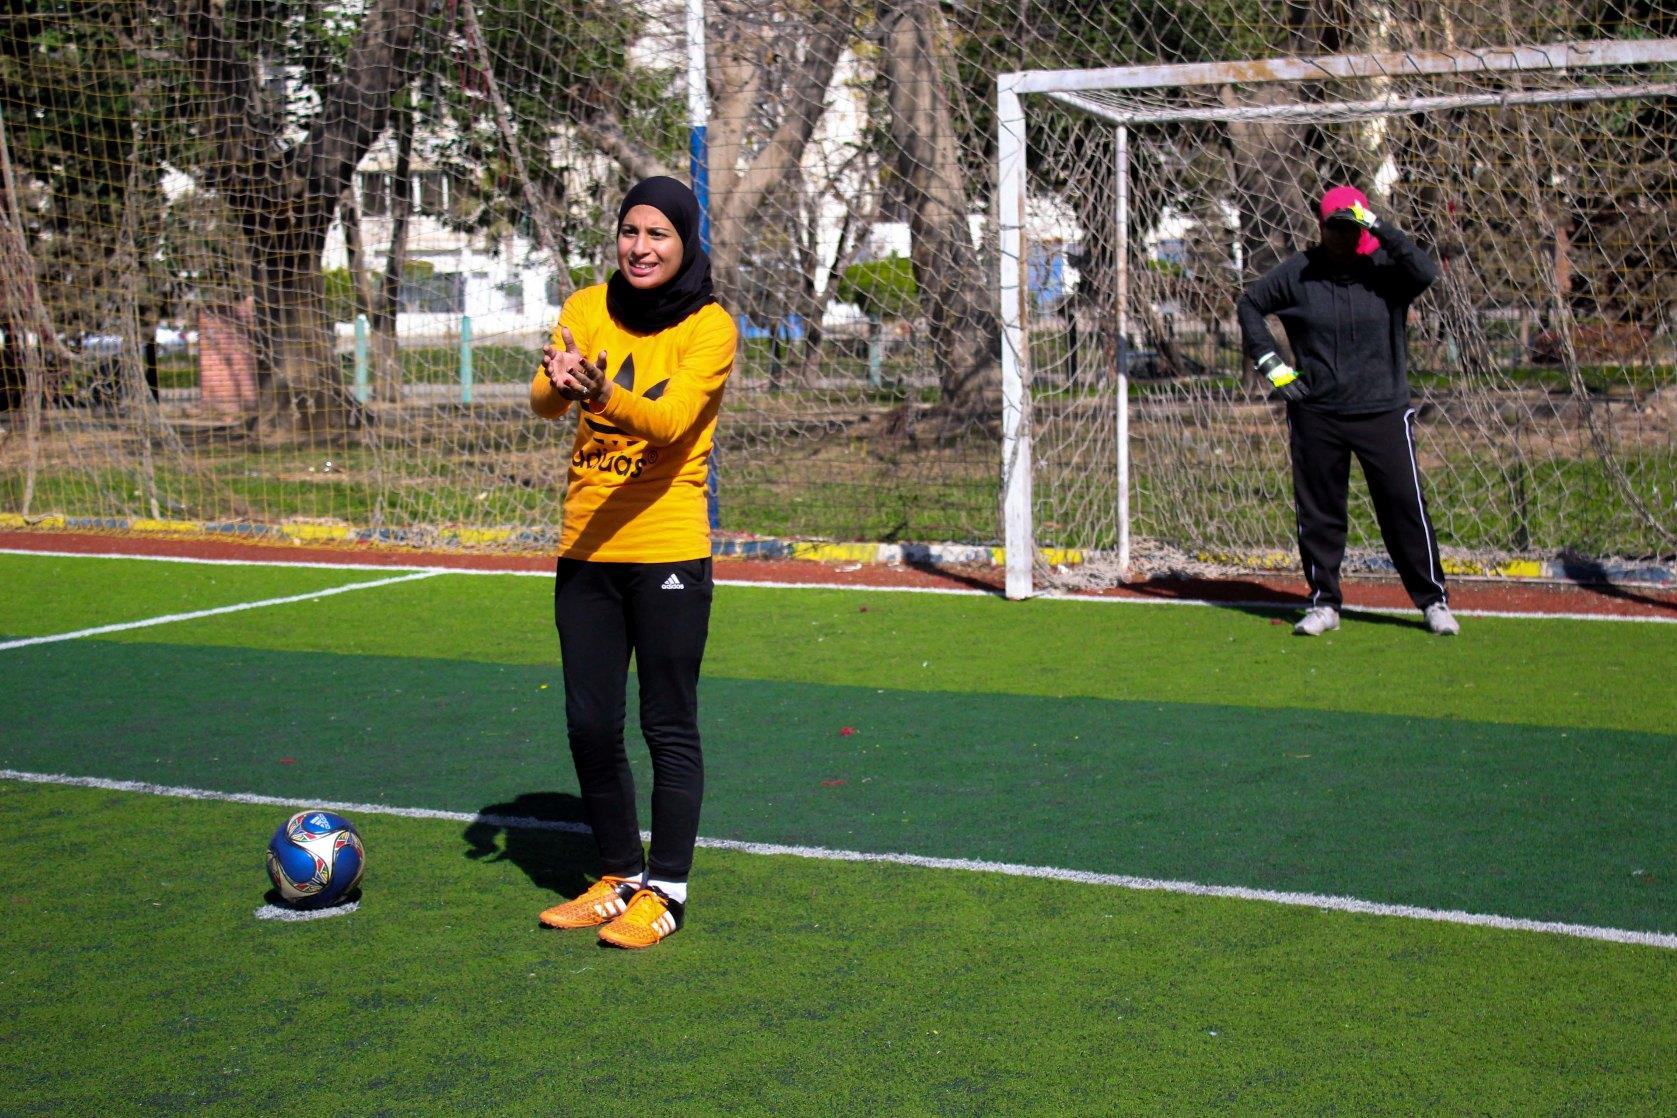 ياسمين تحكي :عشقت الكرة من صغري ولن أعيش حياتي بذنب الآخرين